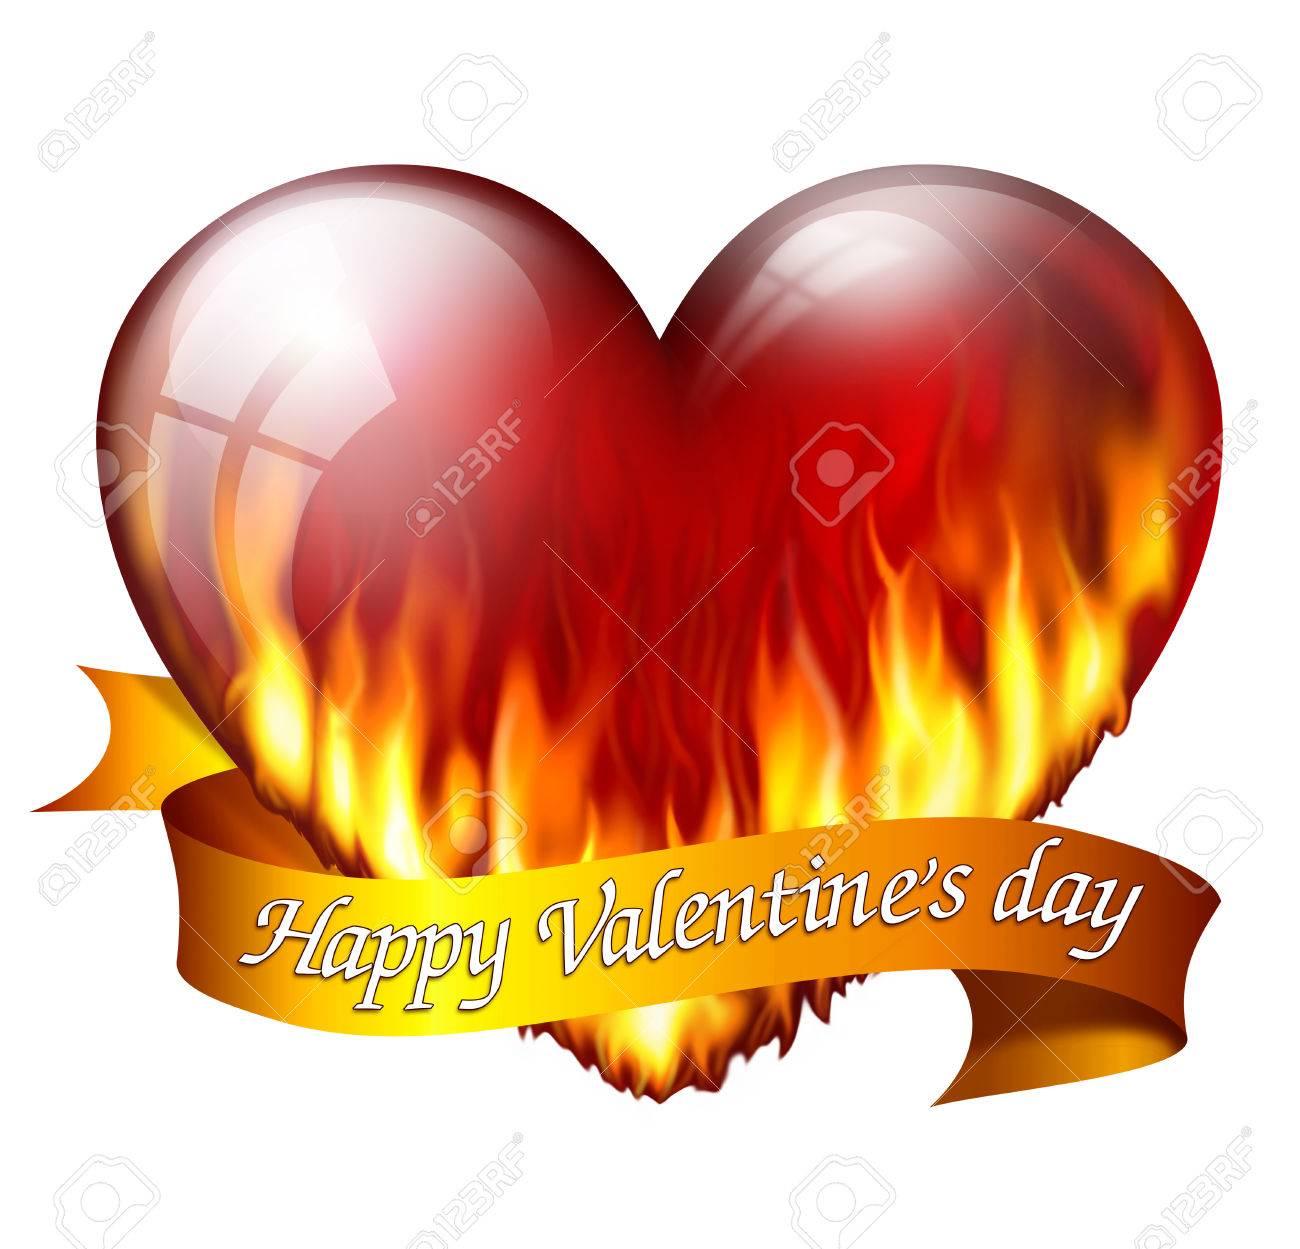 Großes Rotes Herz Auf Feuer, Mit Schärpe Und Nachricht Zum Valentinstag  Standard Bild